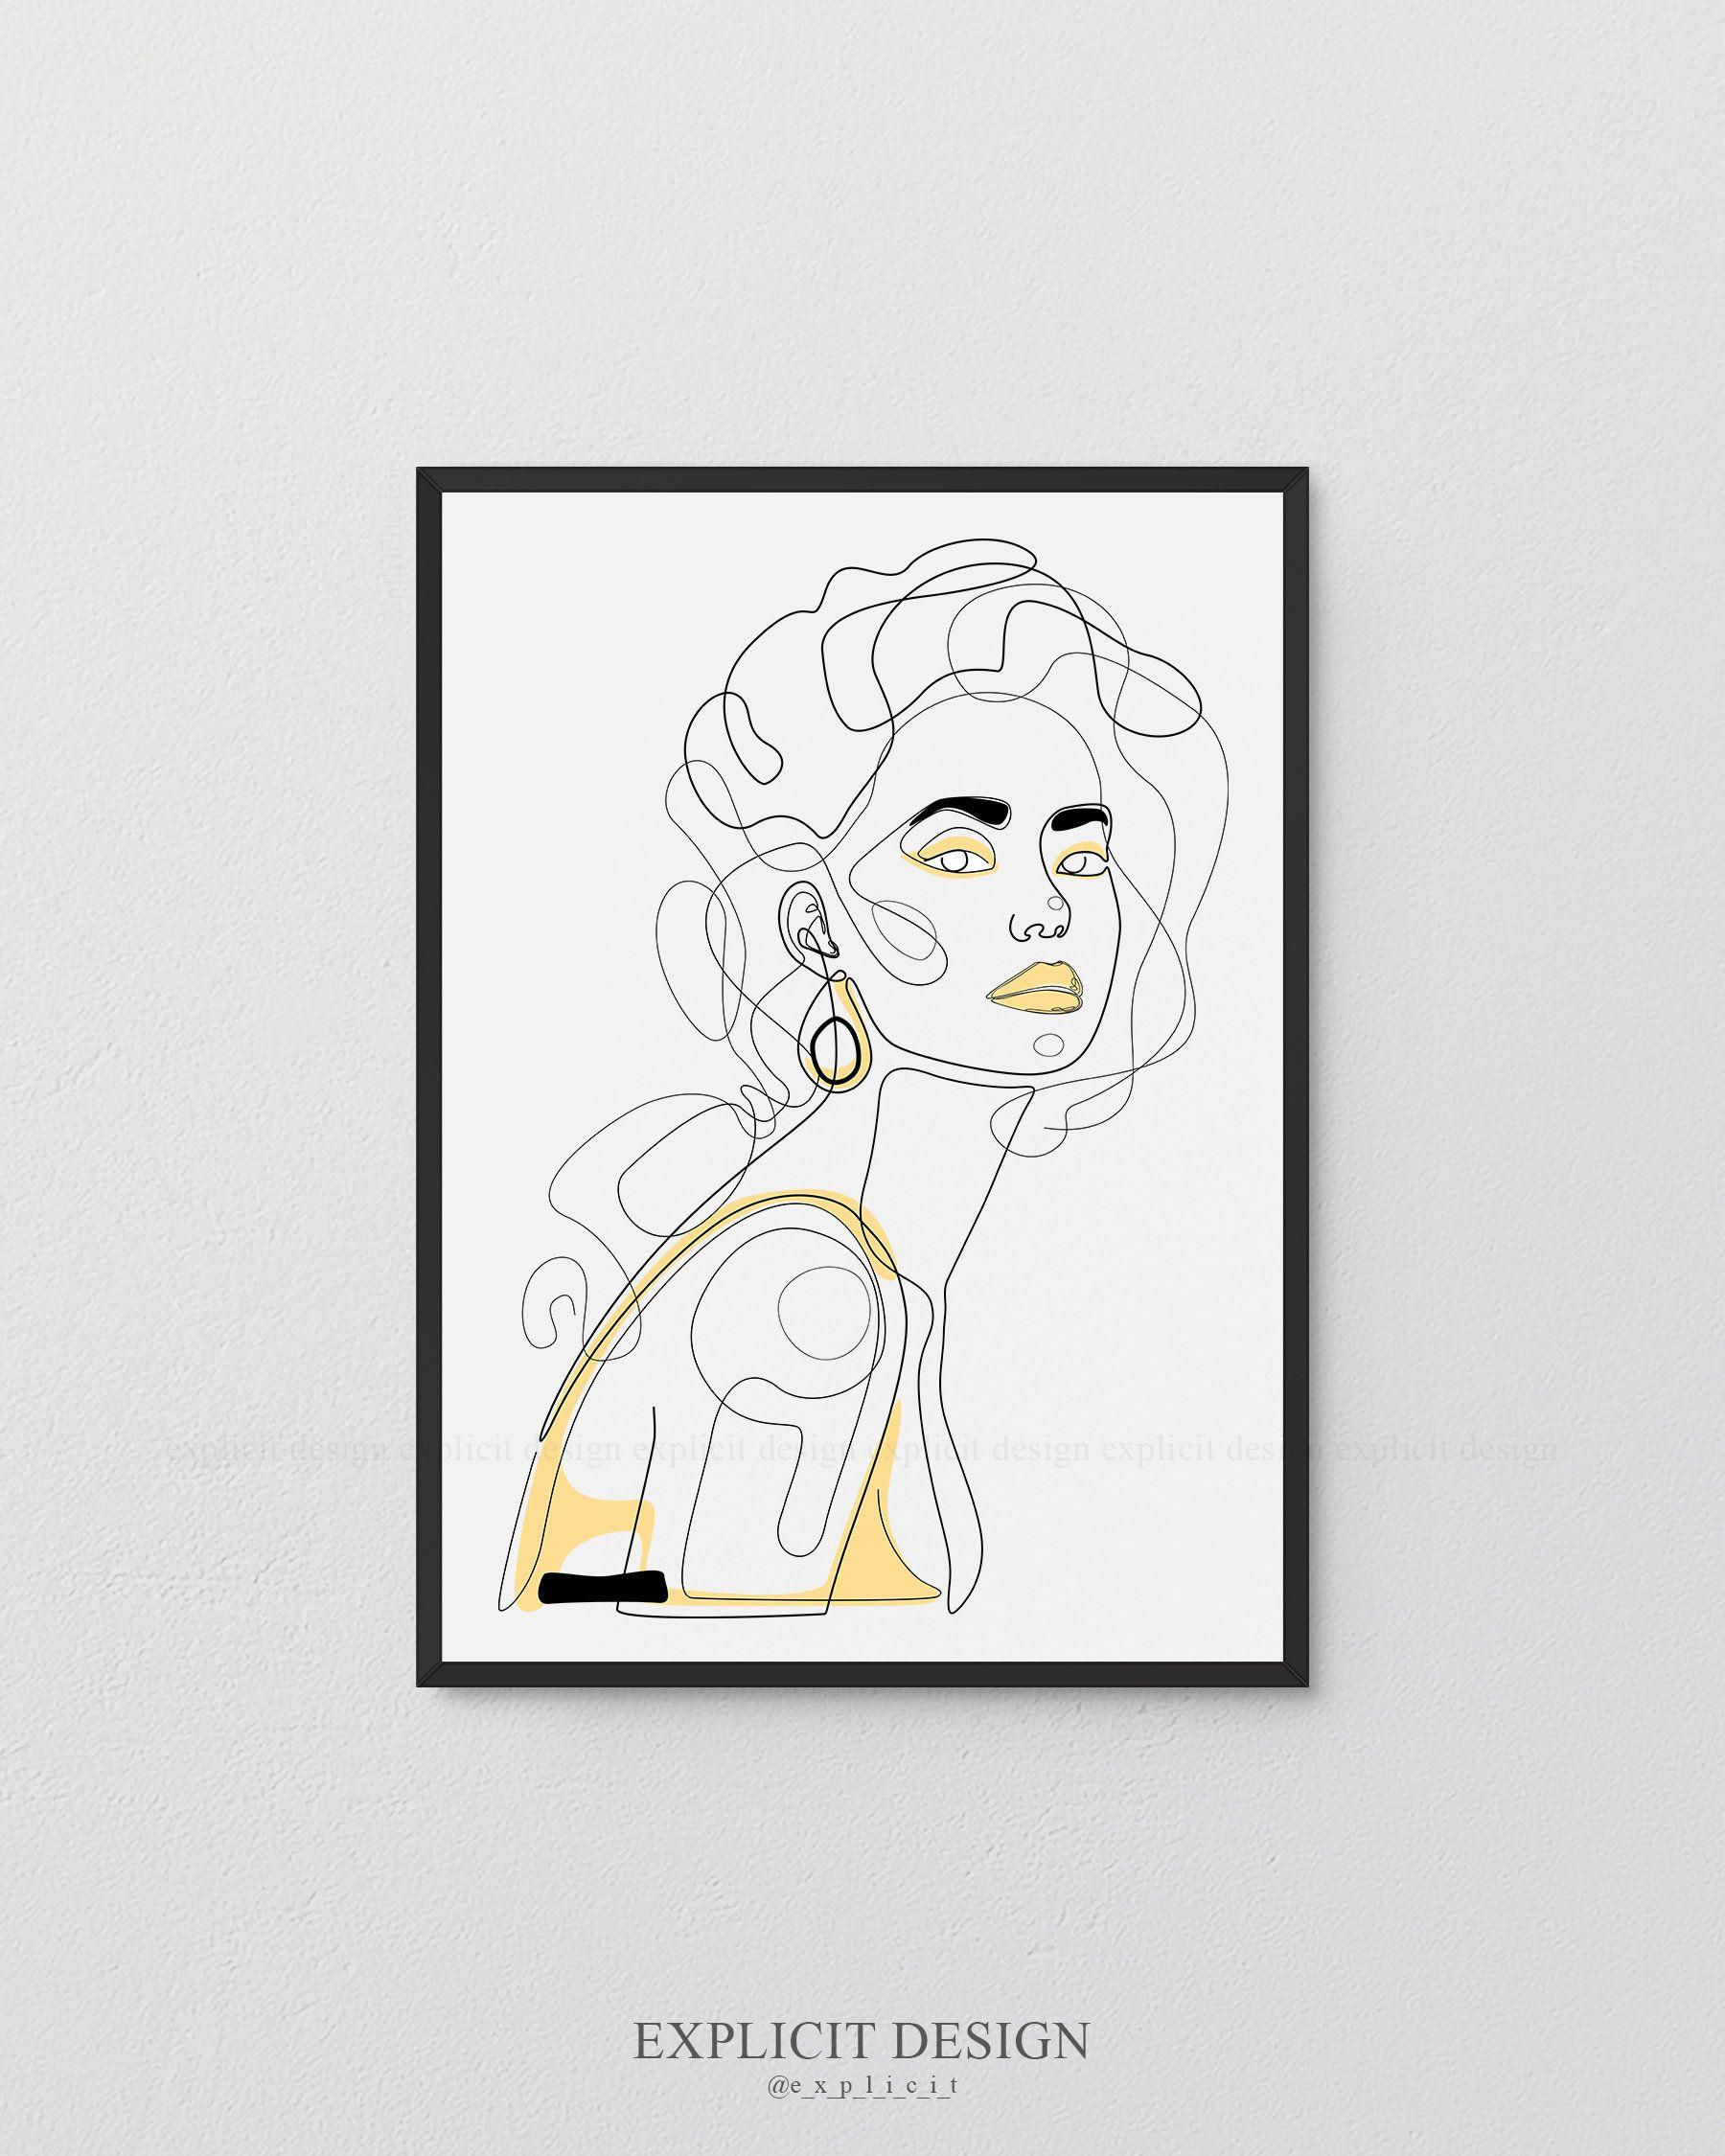 Fille imprimable portrait ligne illustration minimalisme | Etsy